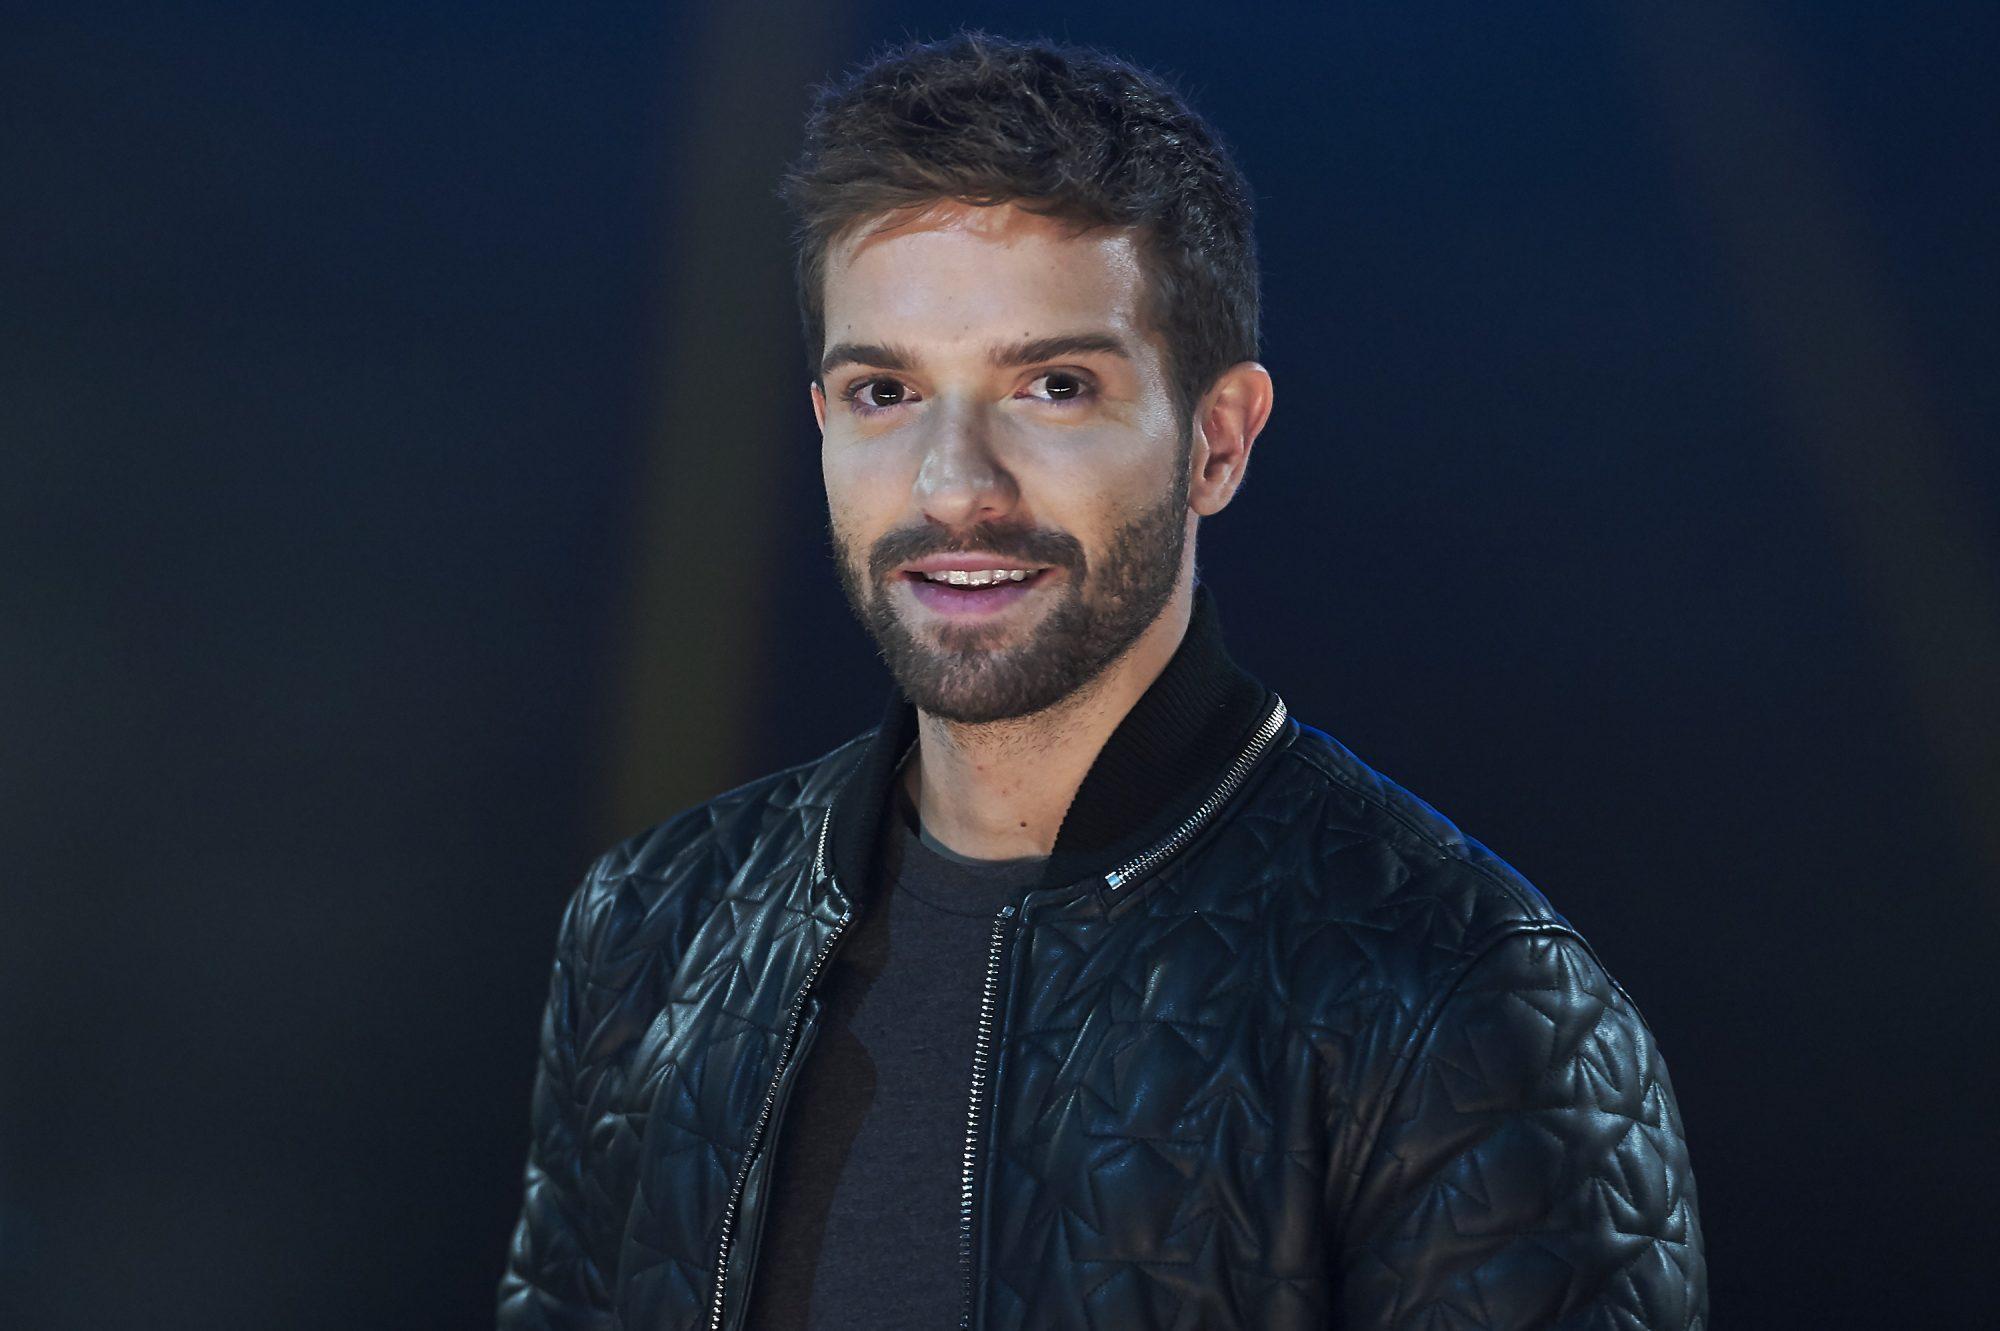 Pablo Alboran